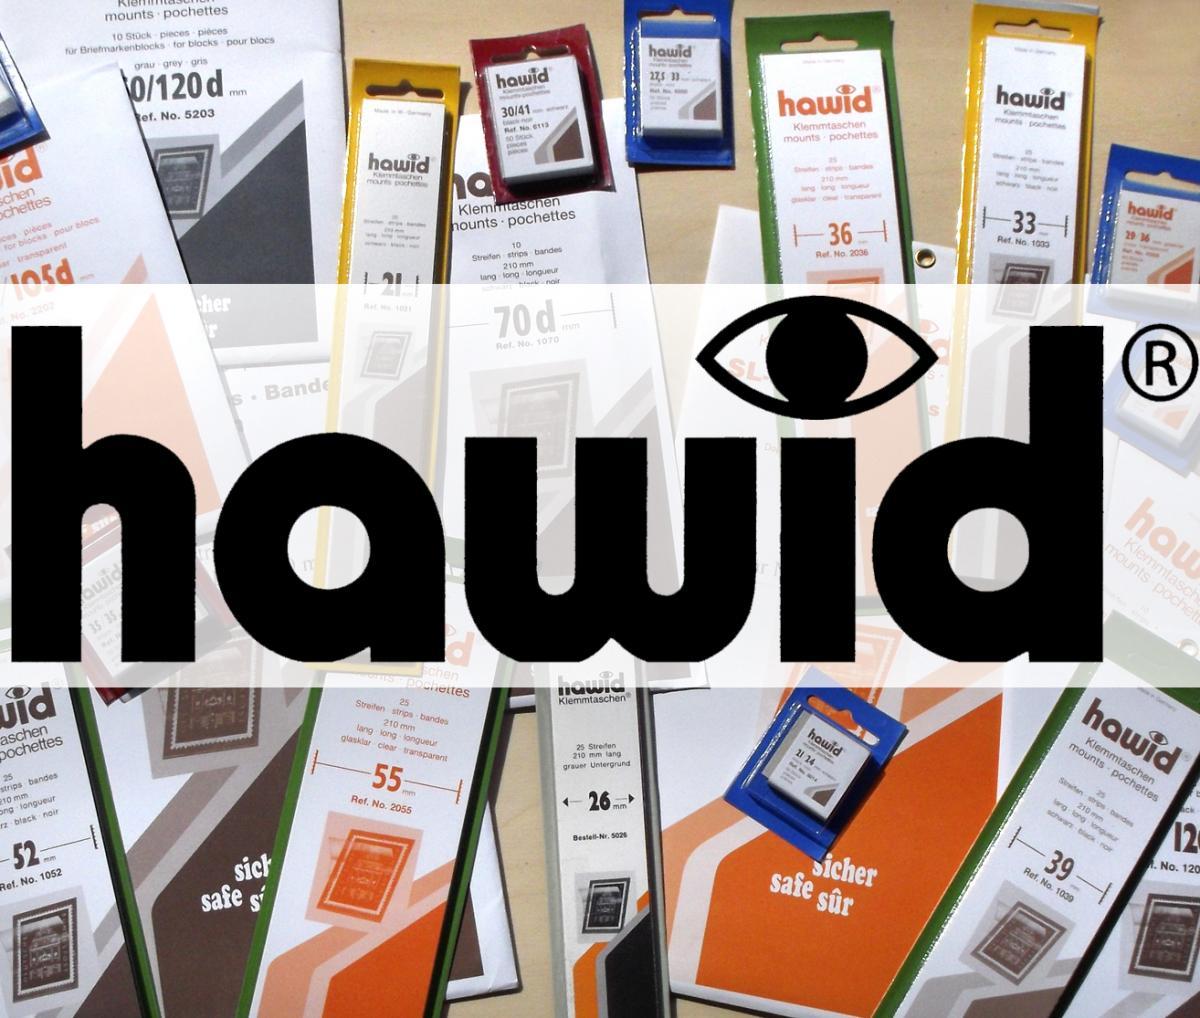 HAWID SL-Streifen 265x105 mm, glasklar, 8 Stück, d* 0